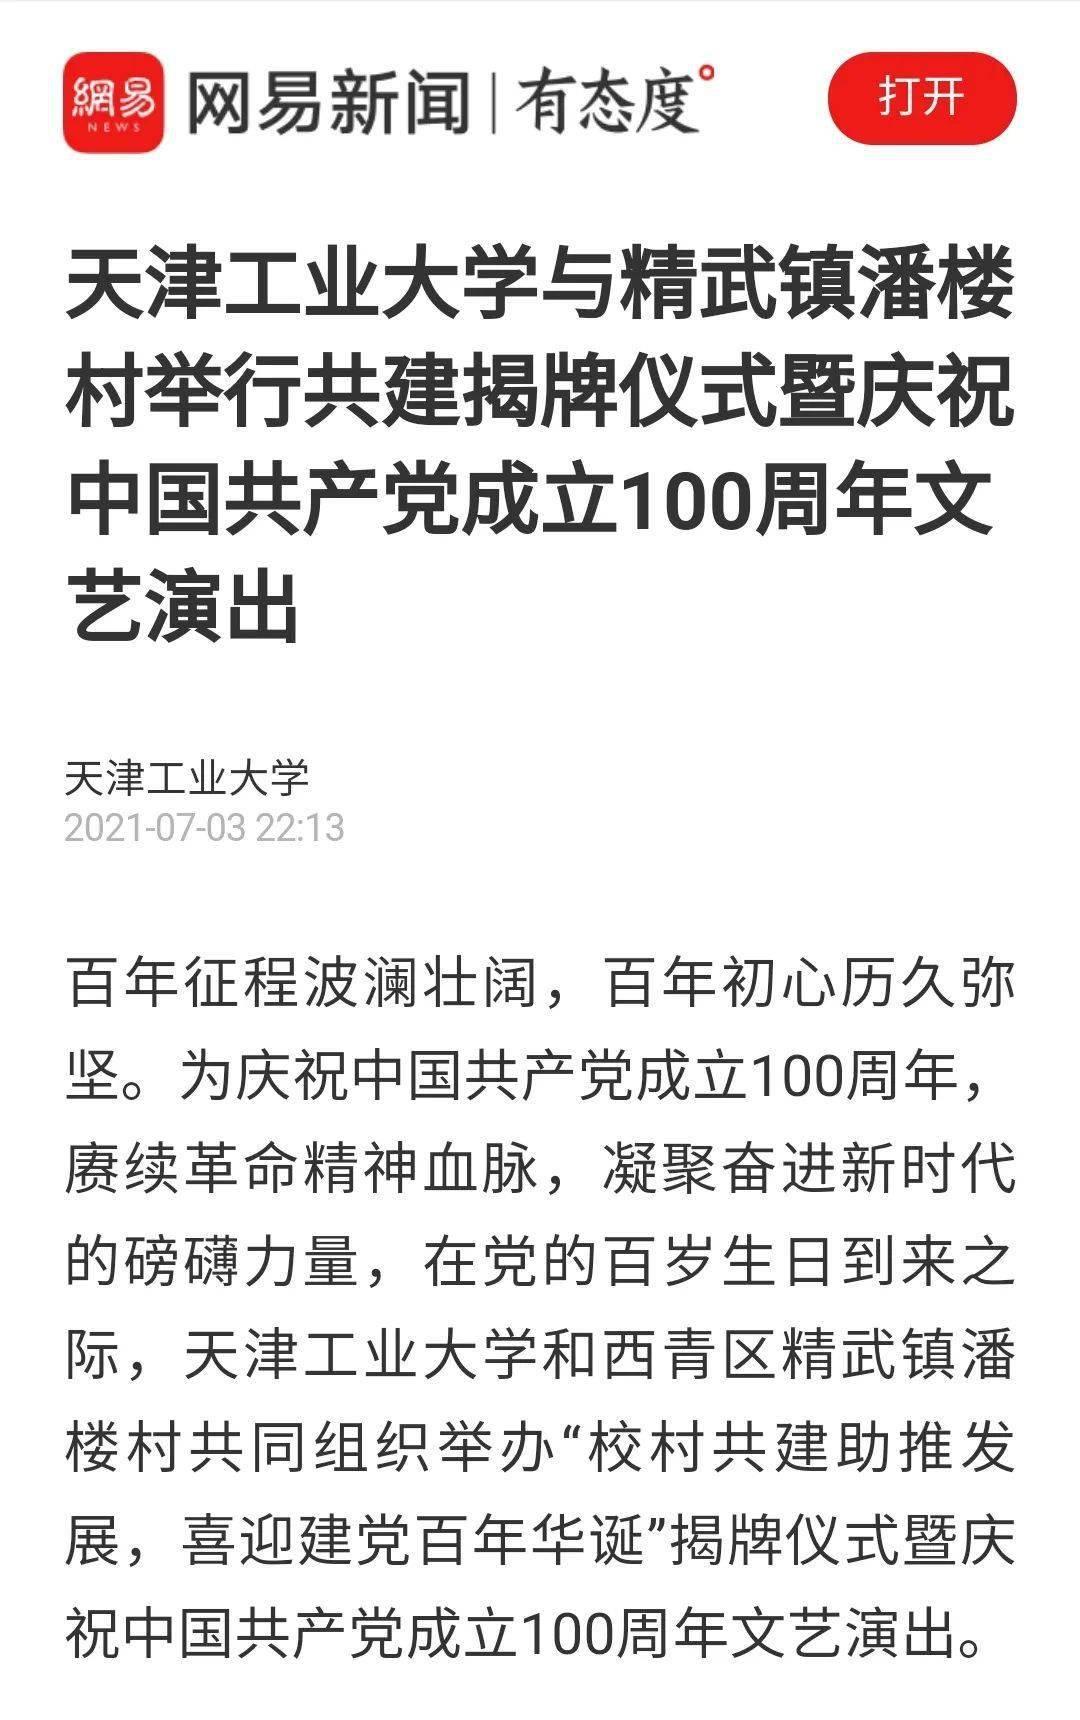 http://www.reviewcode.cn/yunweiguanli/241184.html